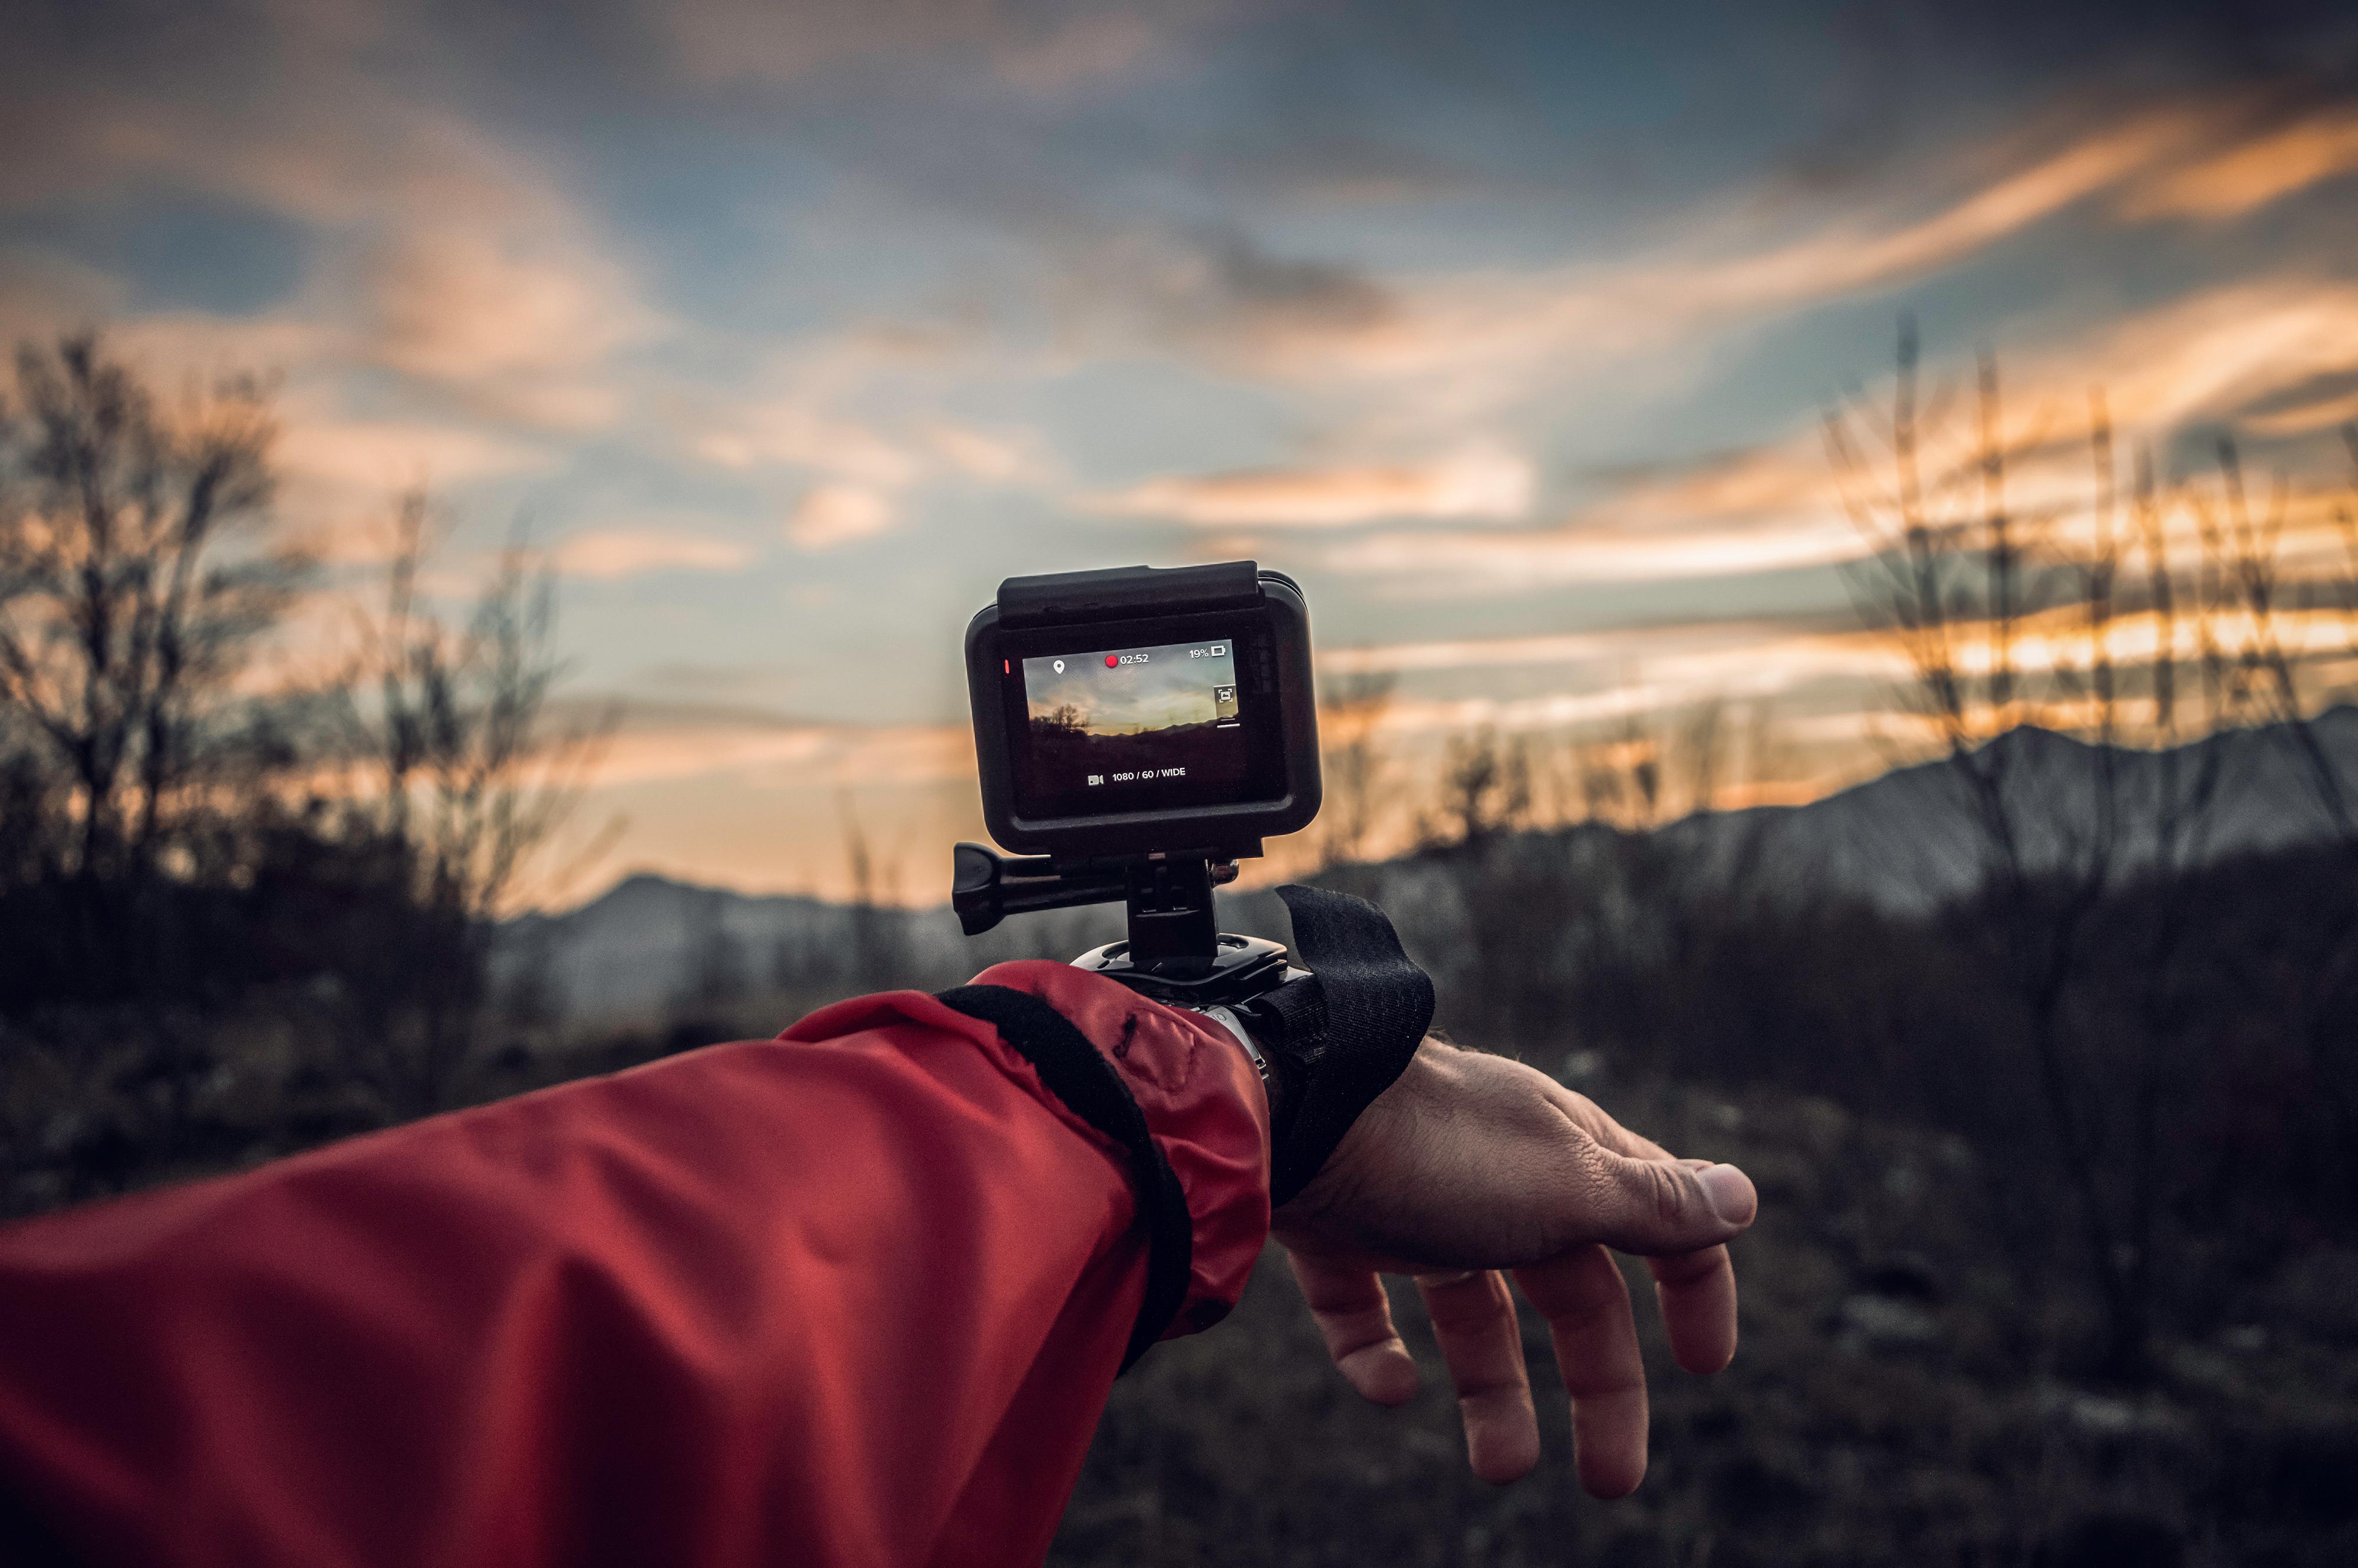 Tens entre 13 i 25 anys i t'agrada la fotografia? Participa al concurs d'Instagram de Mind-u 'La Salut Mental en Positiu' i guanya una GoProHero 7!